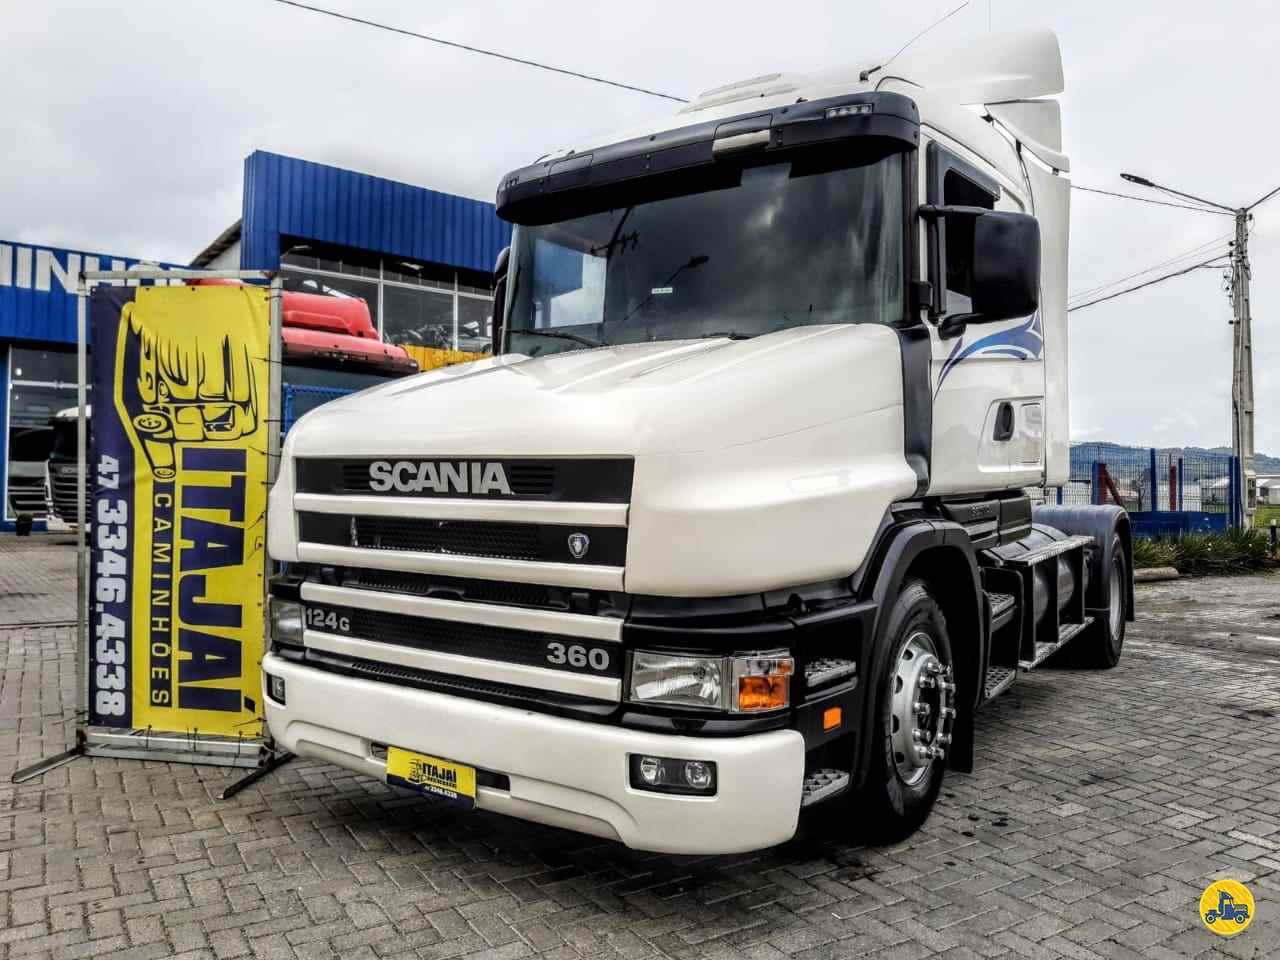 SCANIA 124 360 de Itajai Caminhões - NAVEGANTES/SC